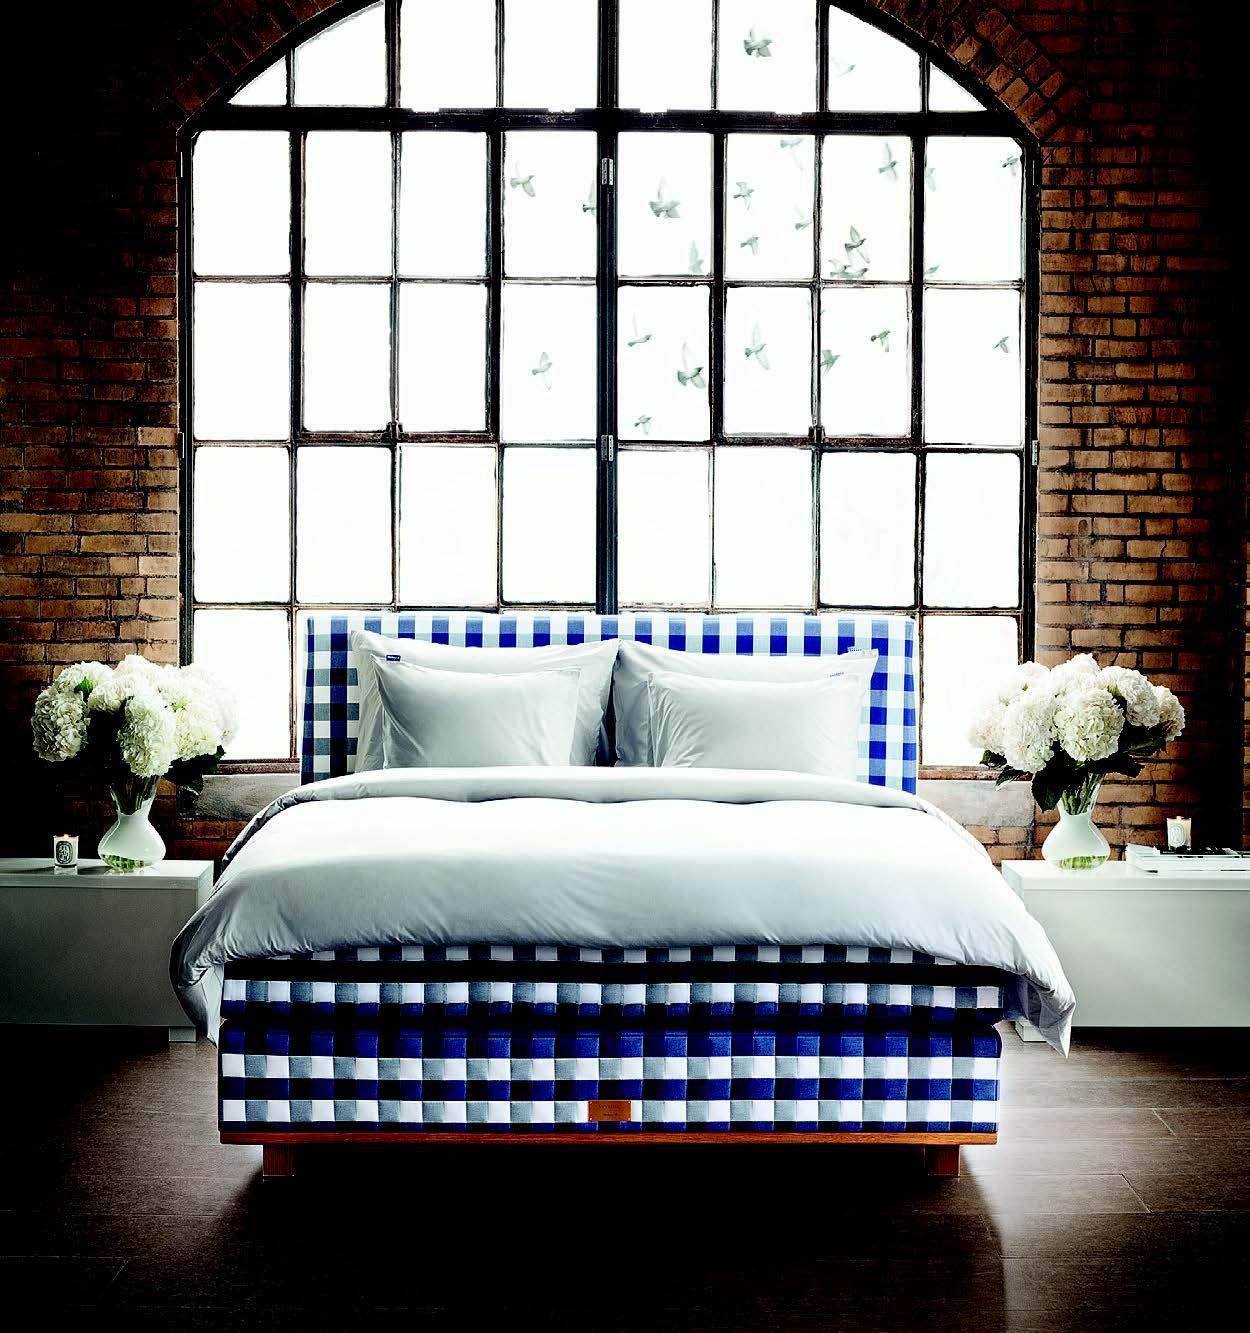 Royal et durable, un lit qui a une histoire